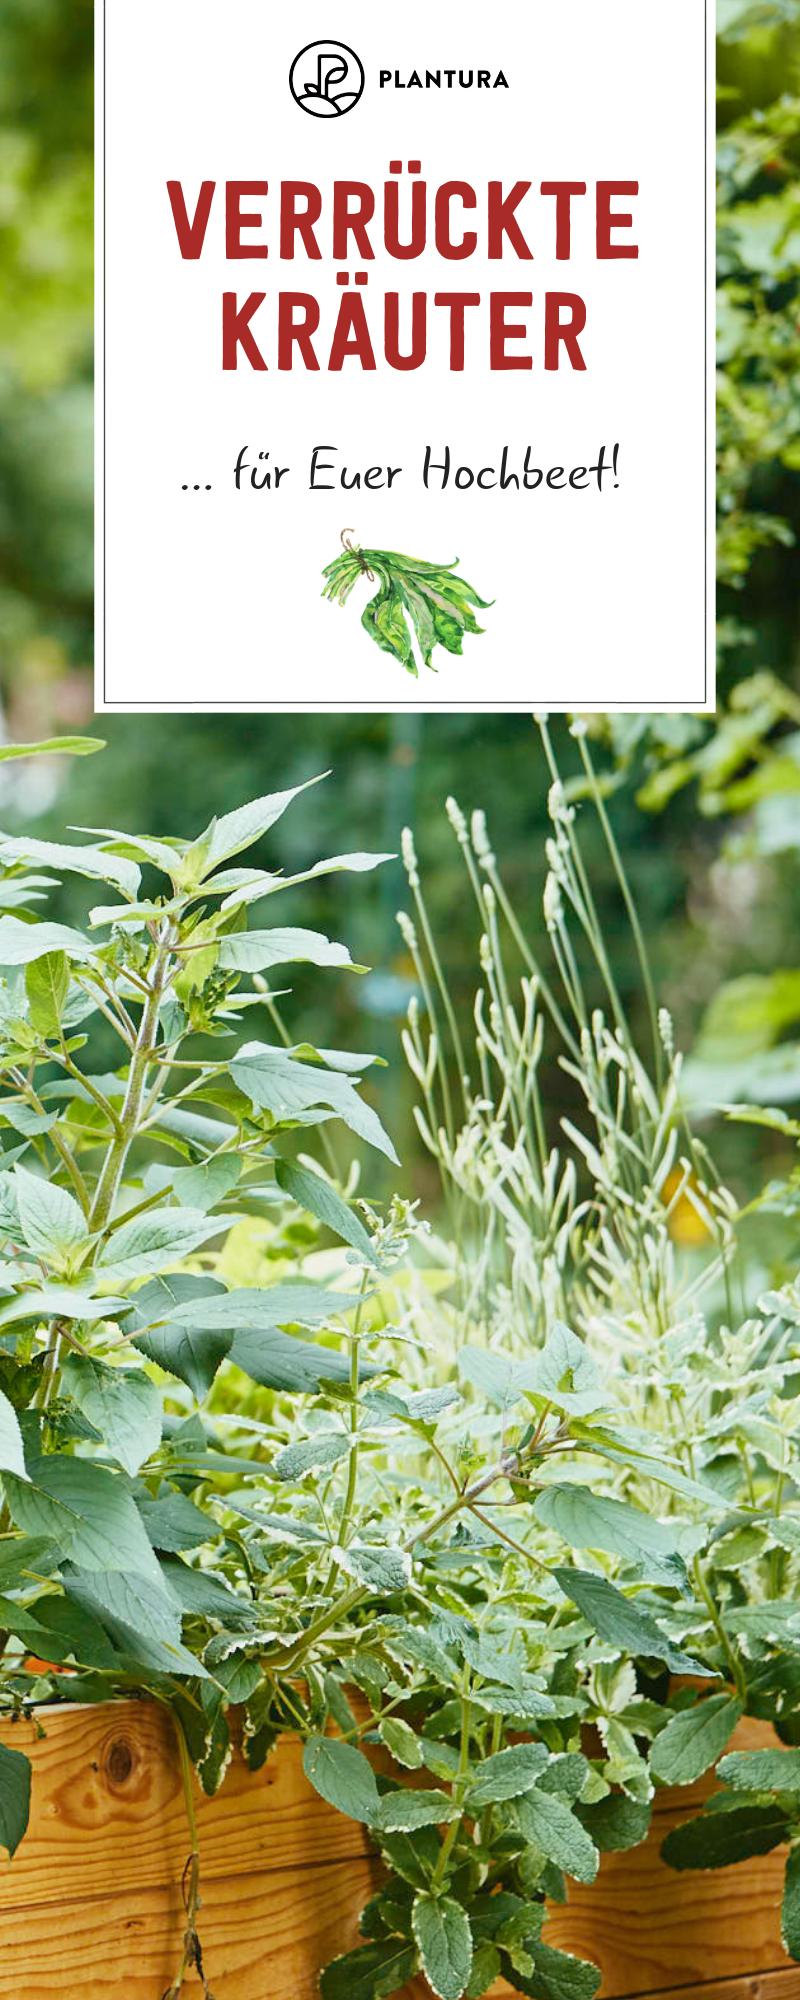 Verruckte Krauter Fur Das Hochbeet Die Top 5 Plantura Hochbeet Erhohte Pflanzbeete Bepflanzung